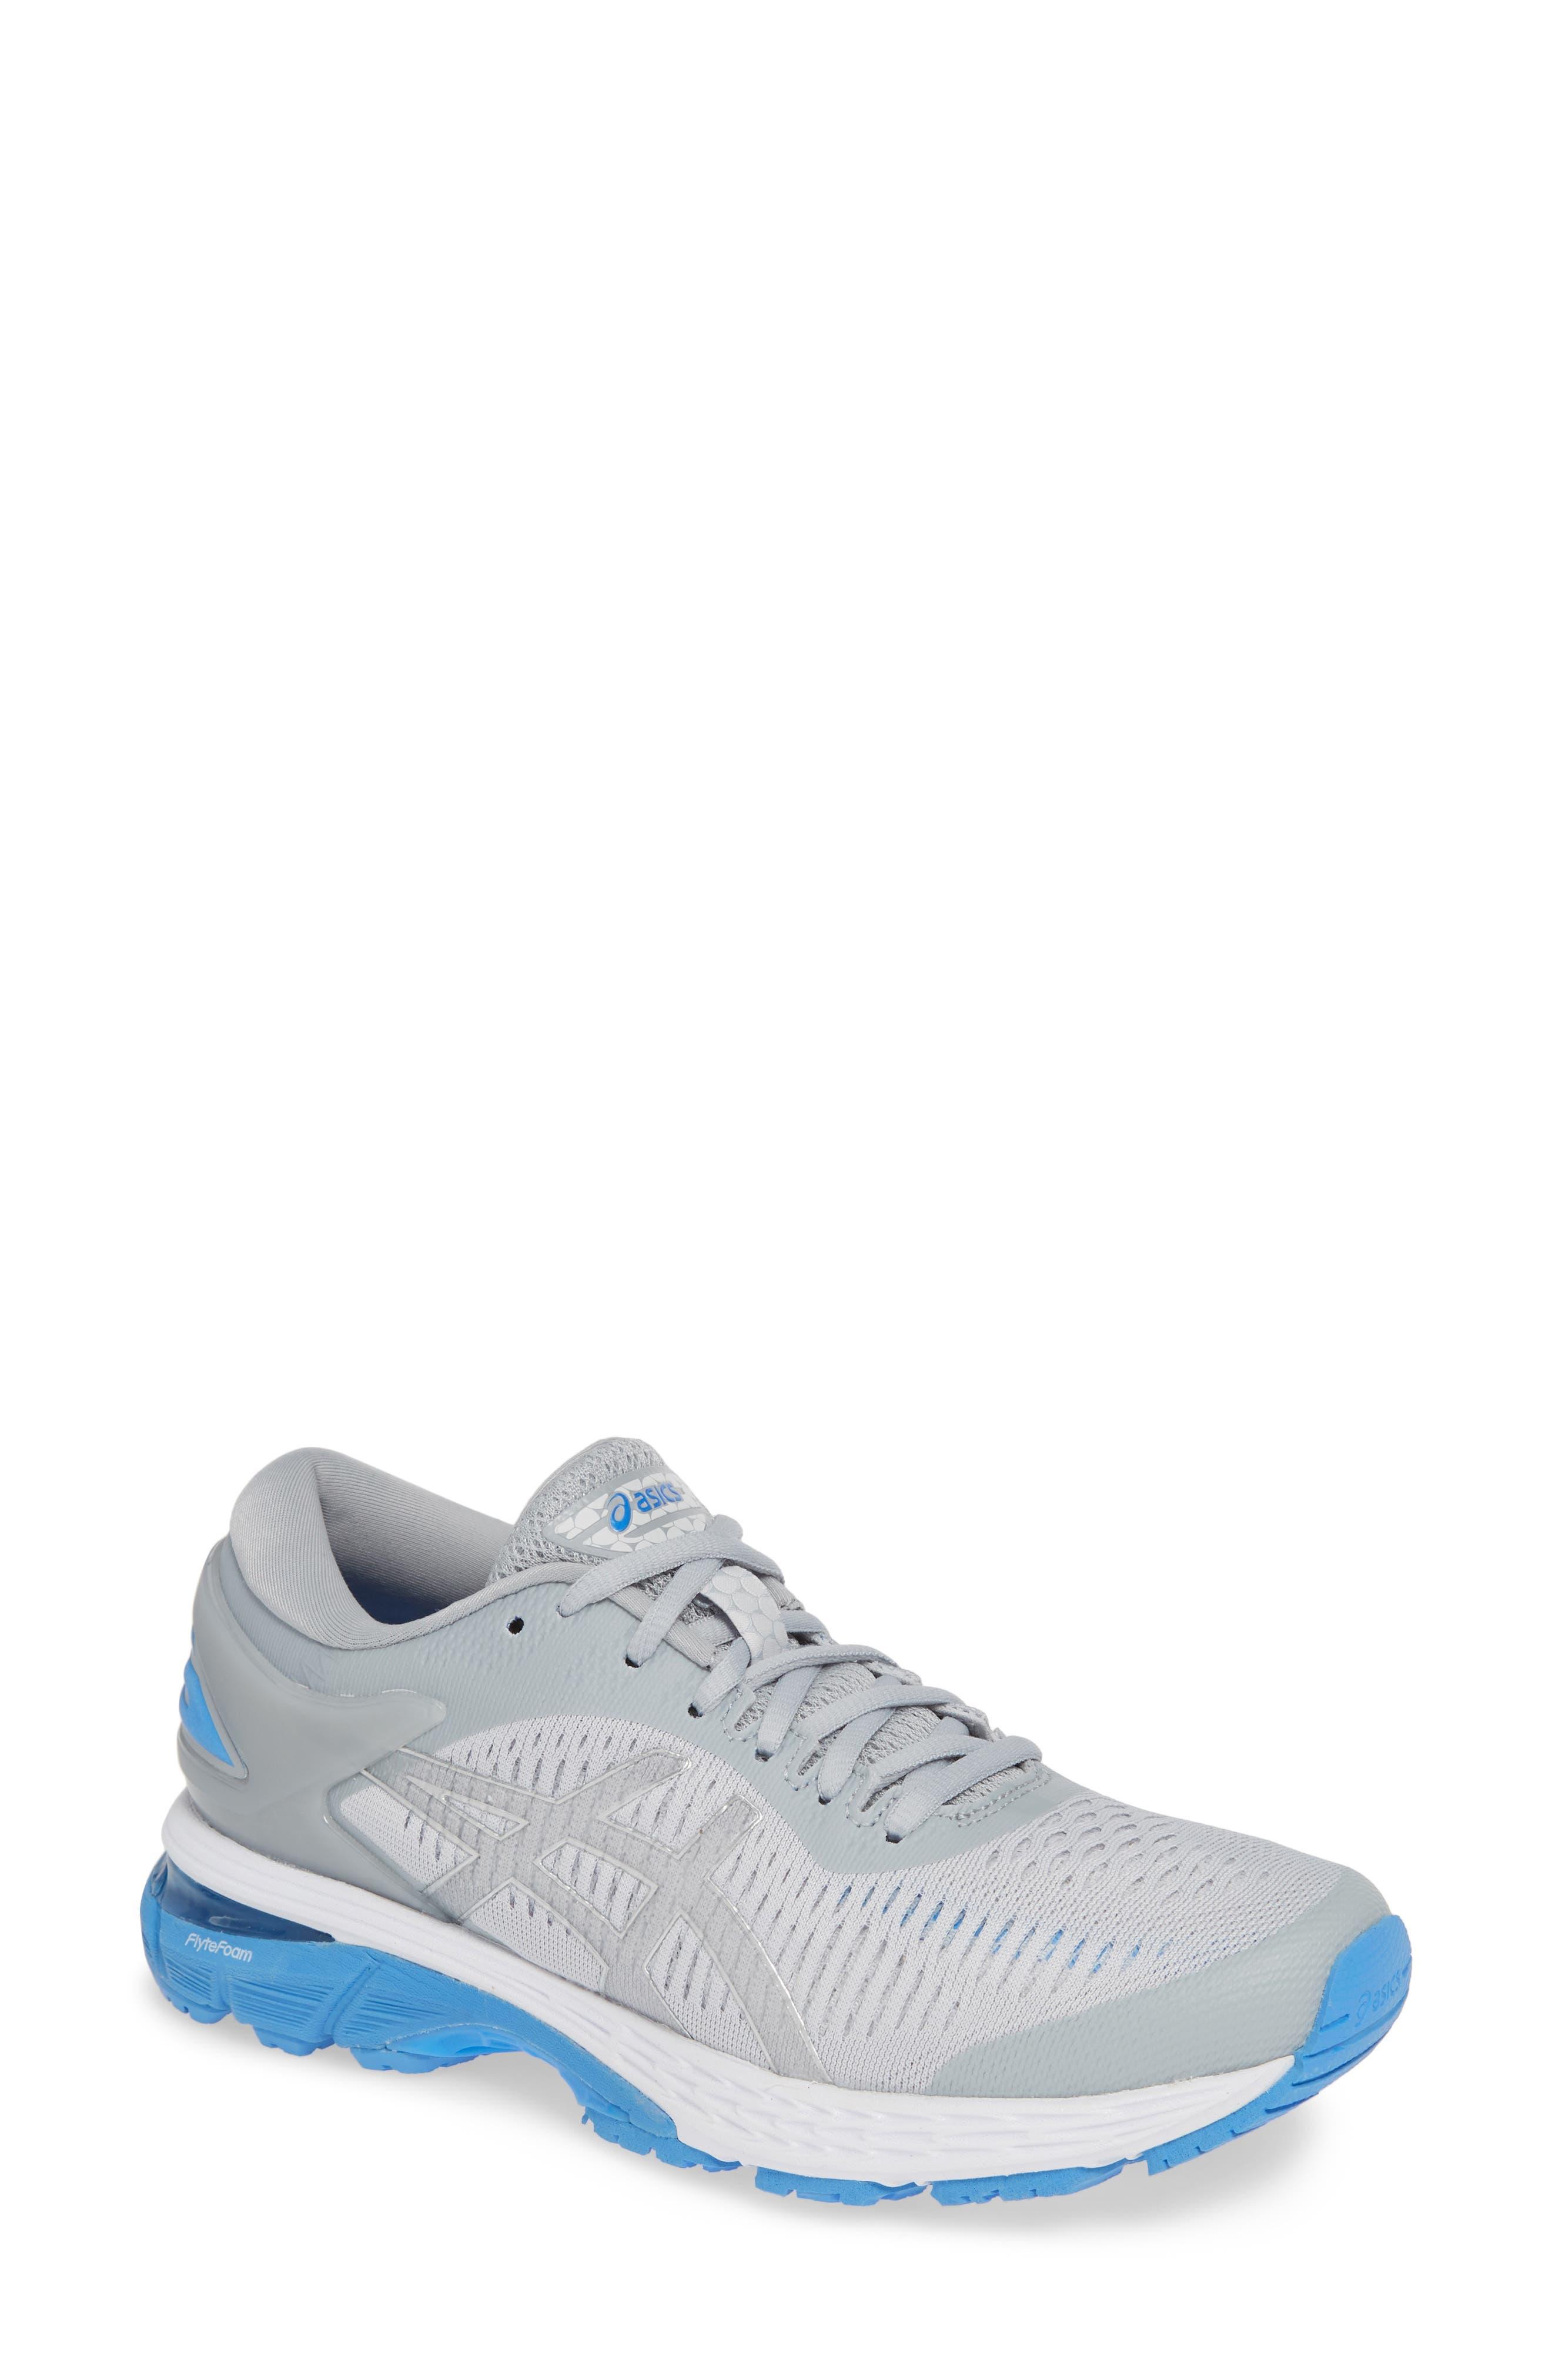 Asics Gel-Kayano 25 Running Shoe, Grey